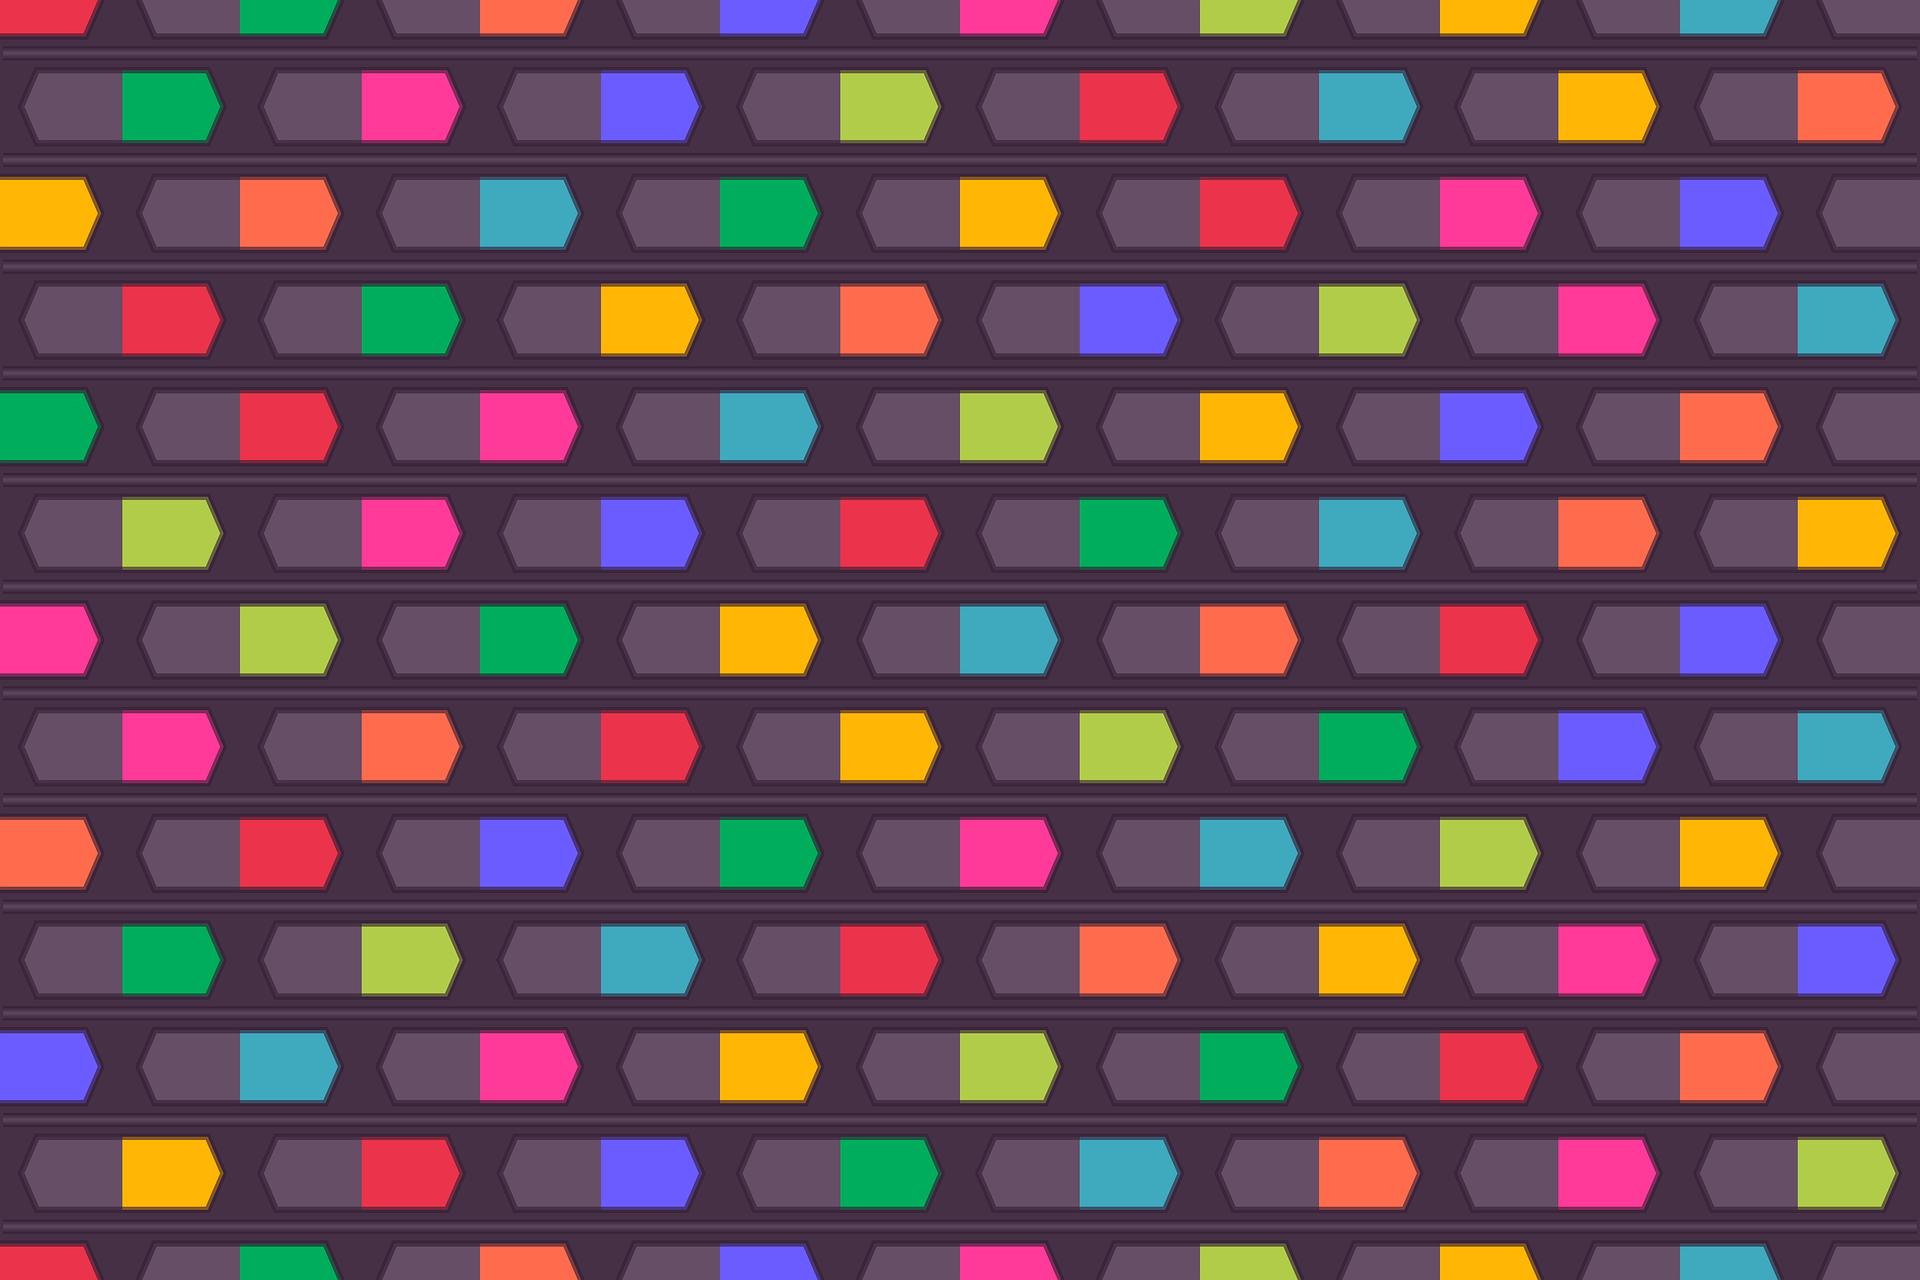 geometría, colores, geométrico, azul, amarillo - Fondos de Pantalla HD - professor-falken.com